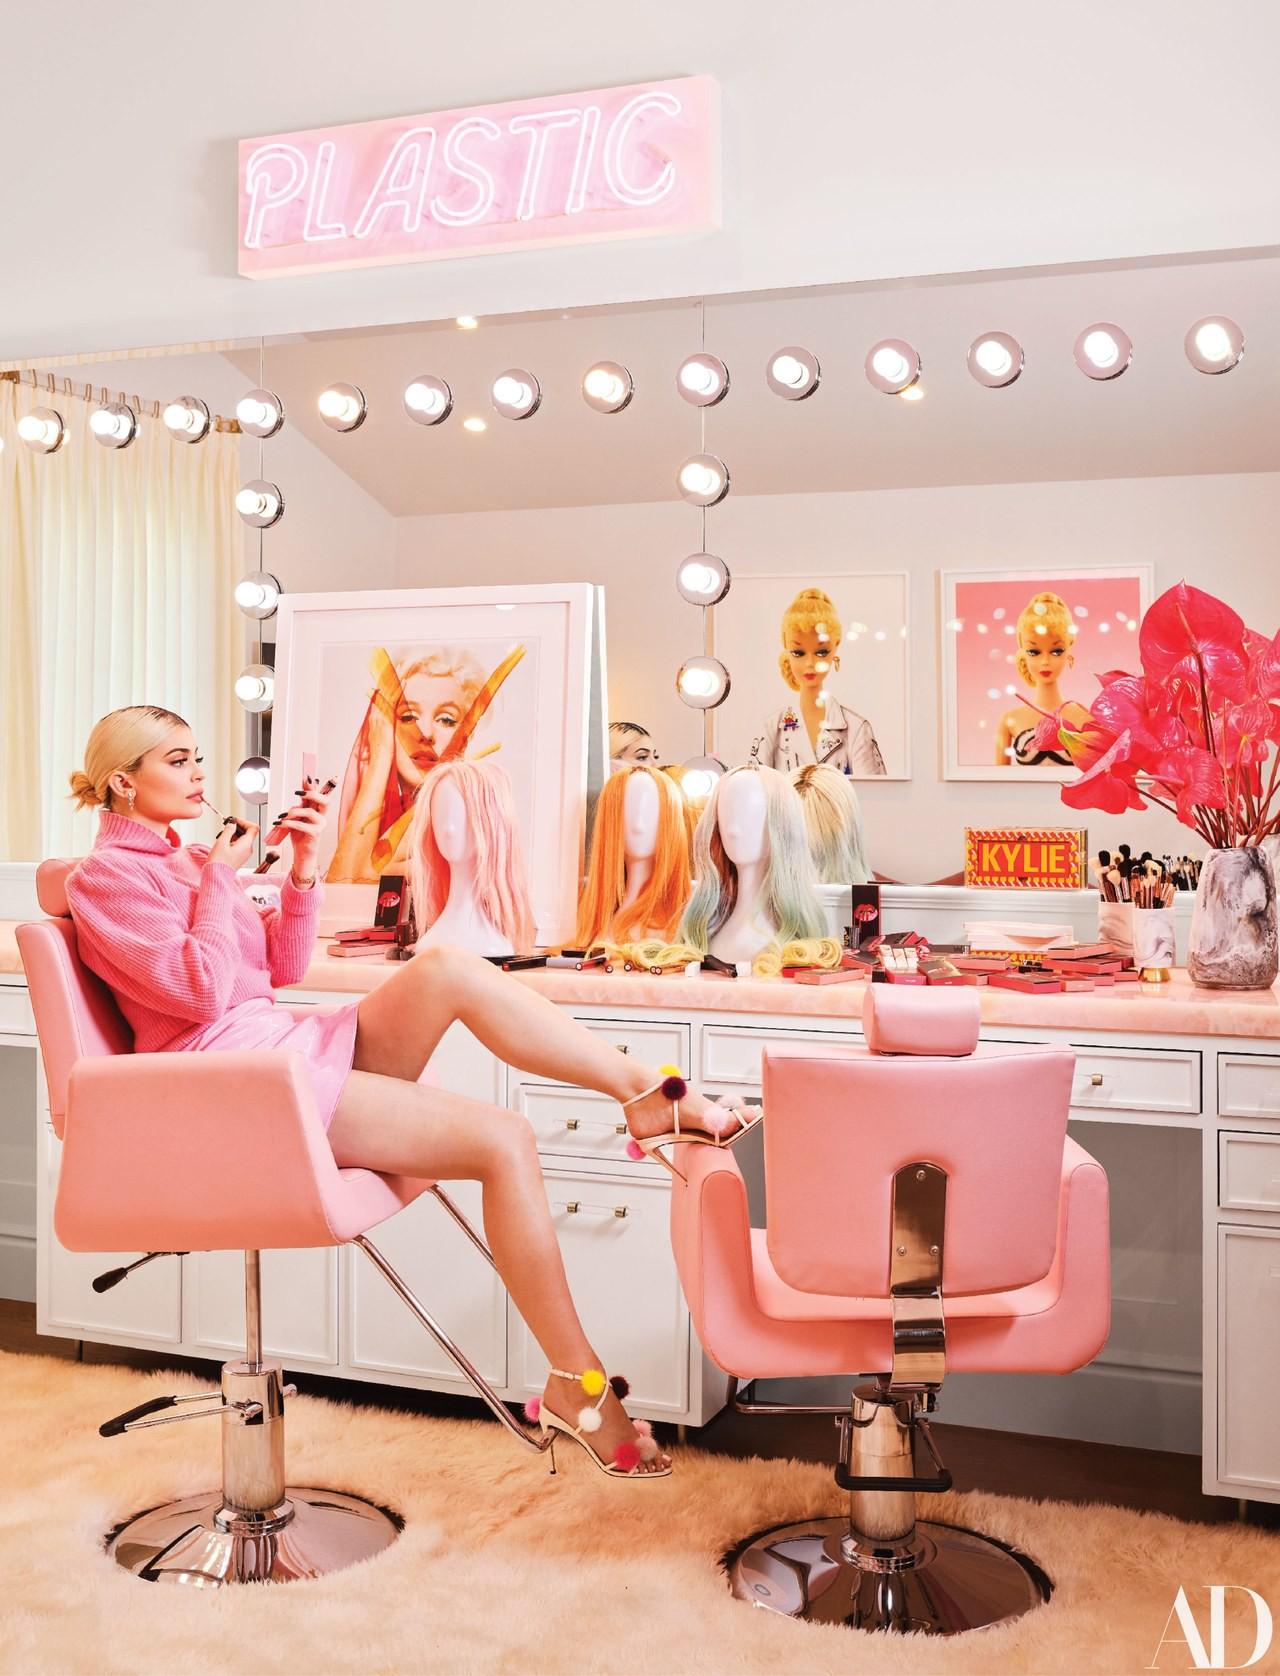 Giàu có và sành điệu như Kylie Jenner: Đến khăn tắm cũng phải là đồ hiệu Louis Vuitton, chi hơn 200 triệu chỉ để lau người - Ảnh 6.